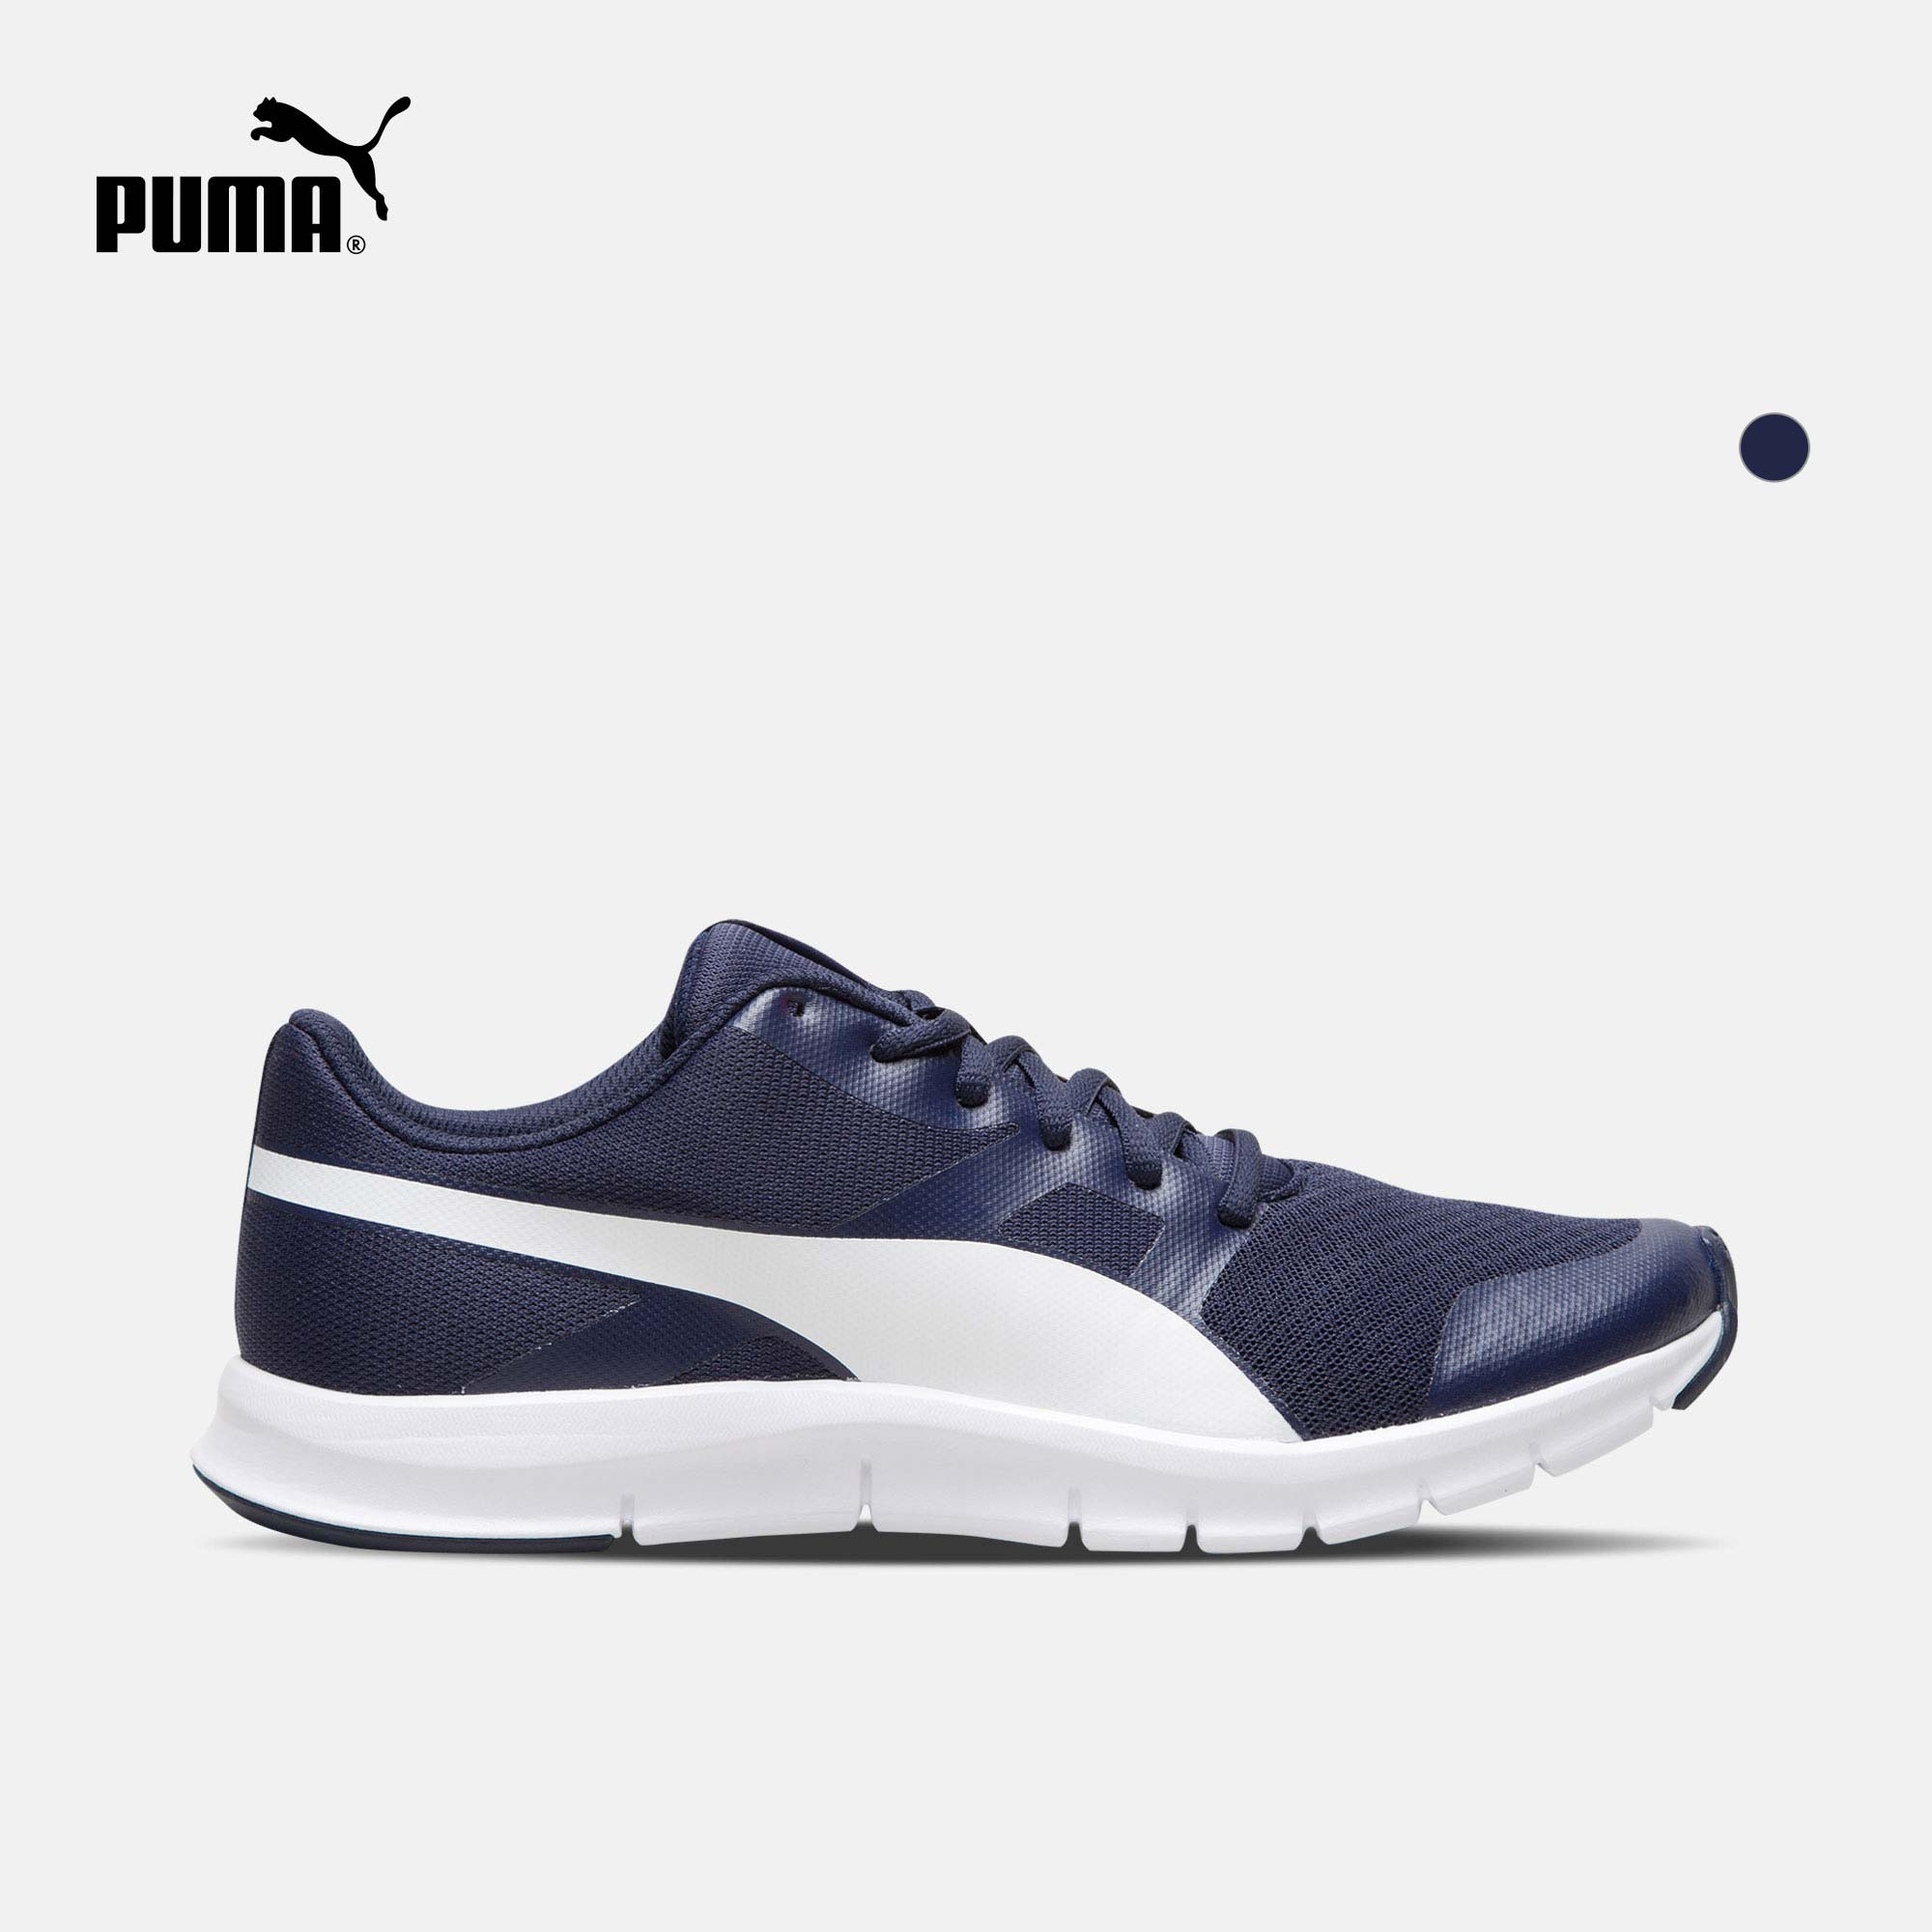 Puma彪马慢跑鞋怎么样,慢跑鞋什么牌,品牌资讯